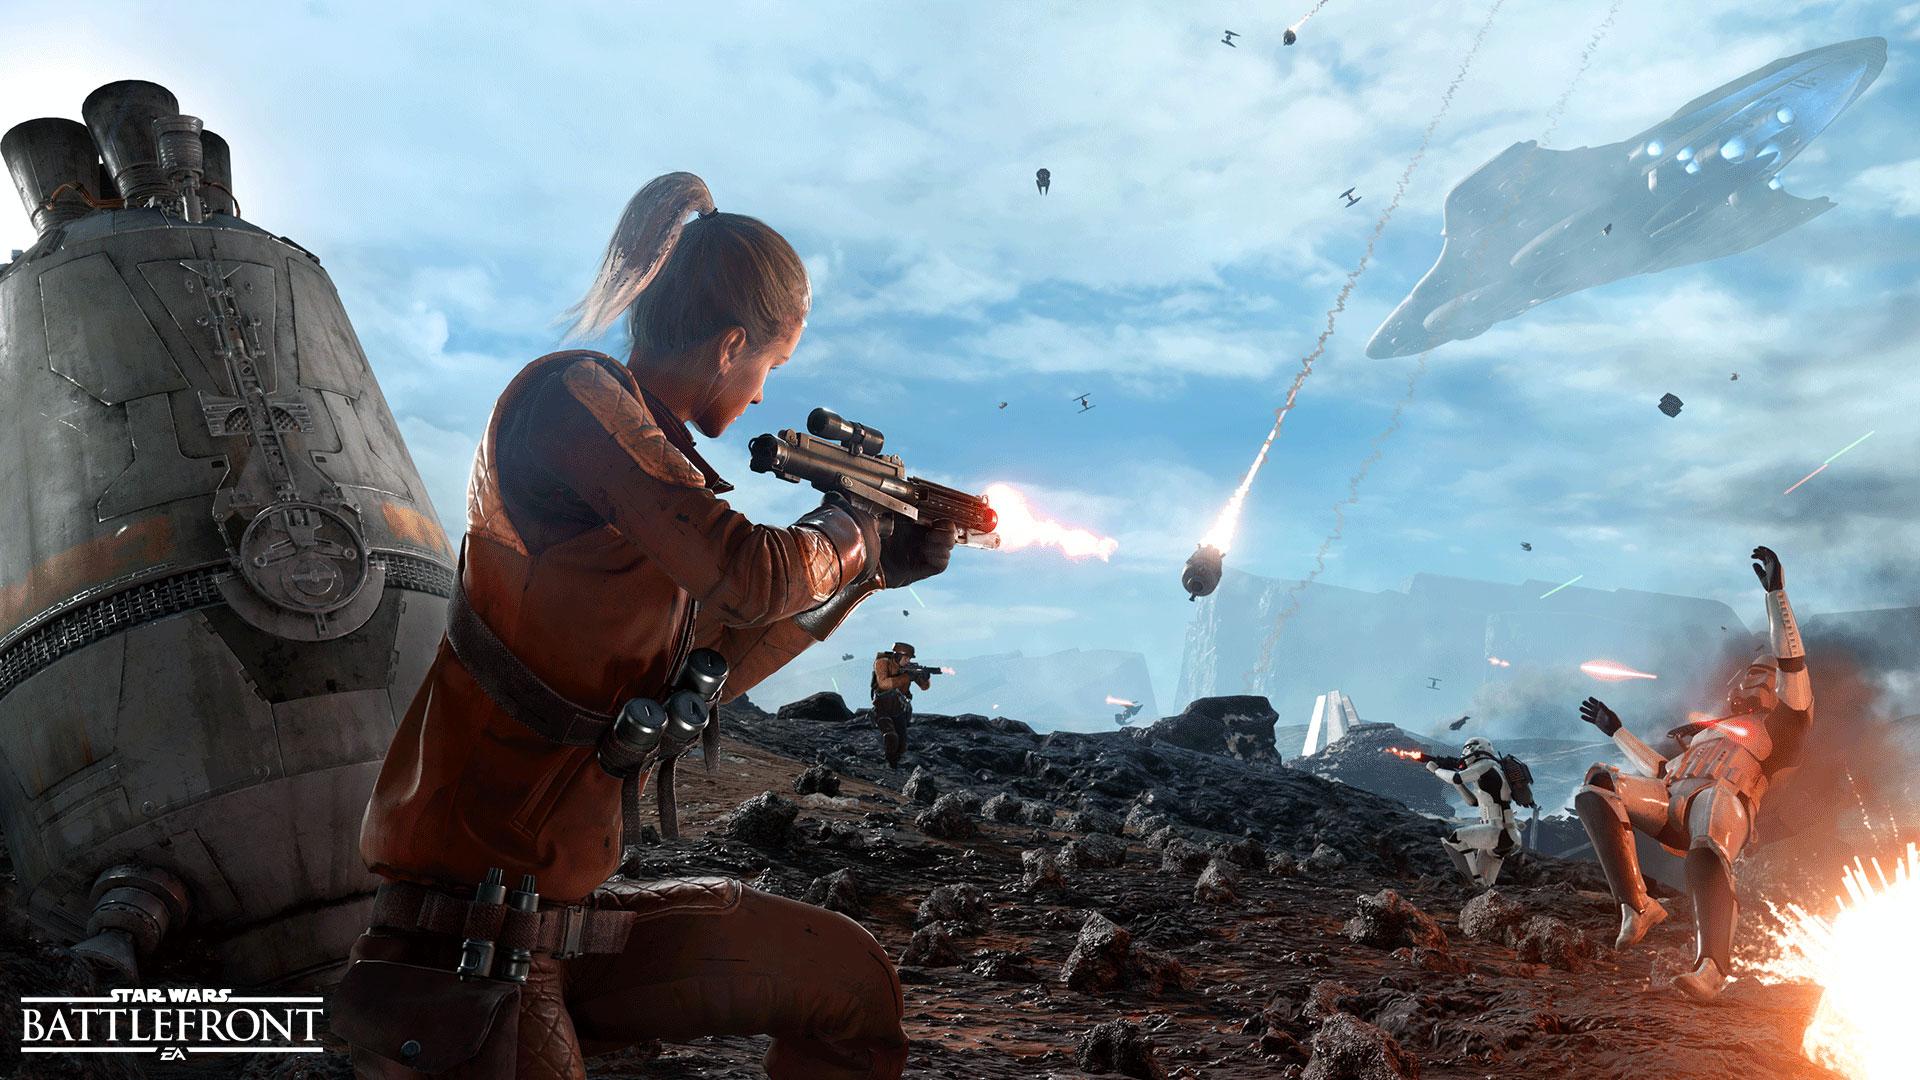 Star Wars Battlefront: Wie sieht es mit privaten Matches aus?